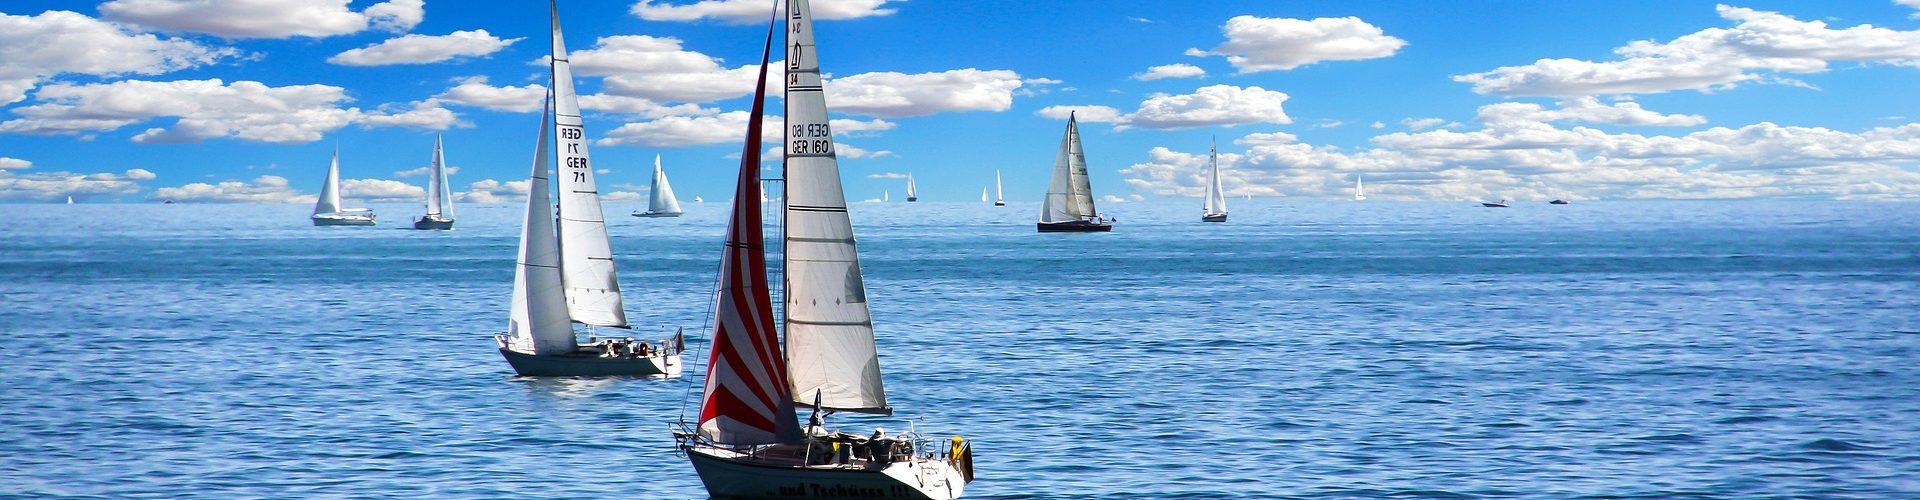 segeln lernen in Kleinostheim segelschein machen in Kleinostheim 1920x500 - Segeln lernen in Kleinostheim